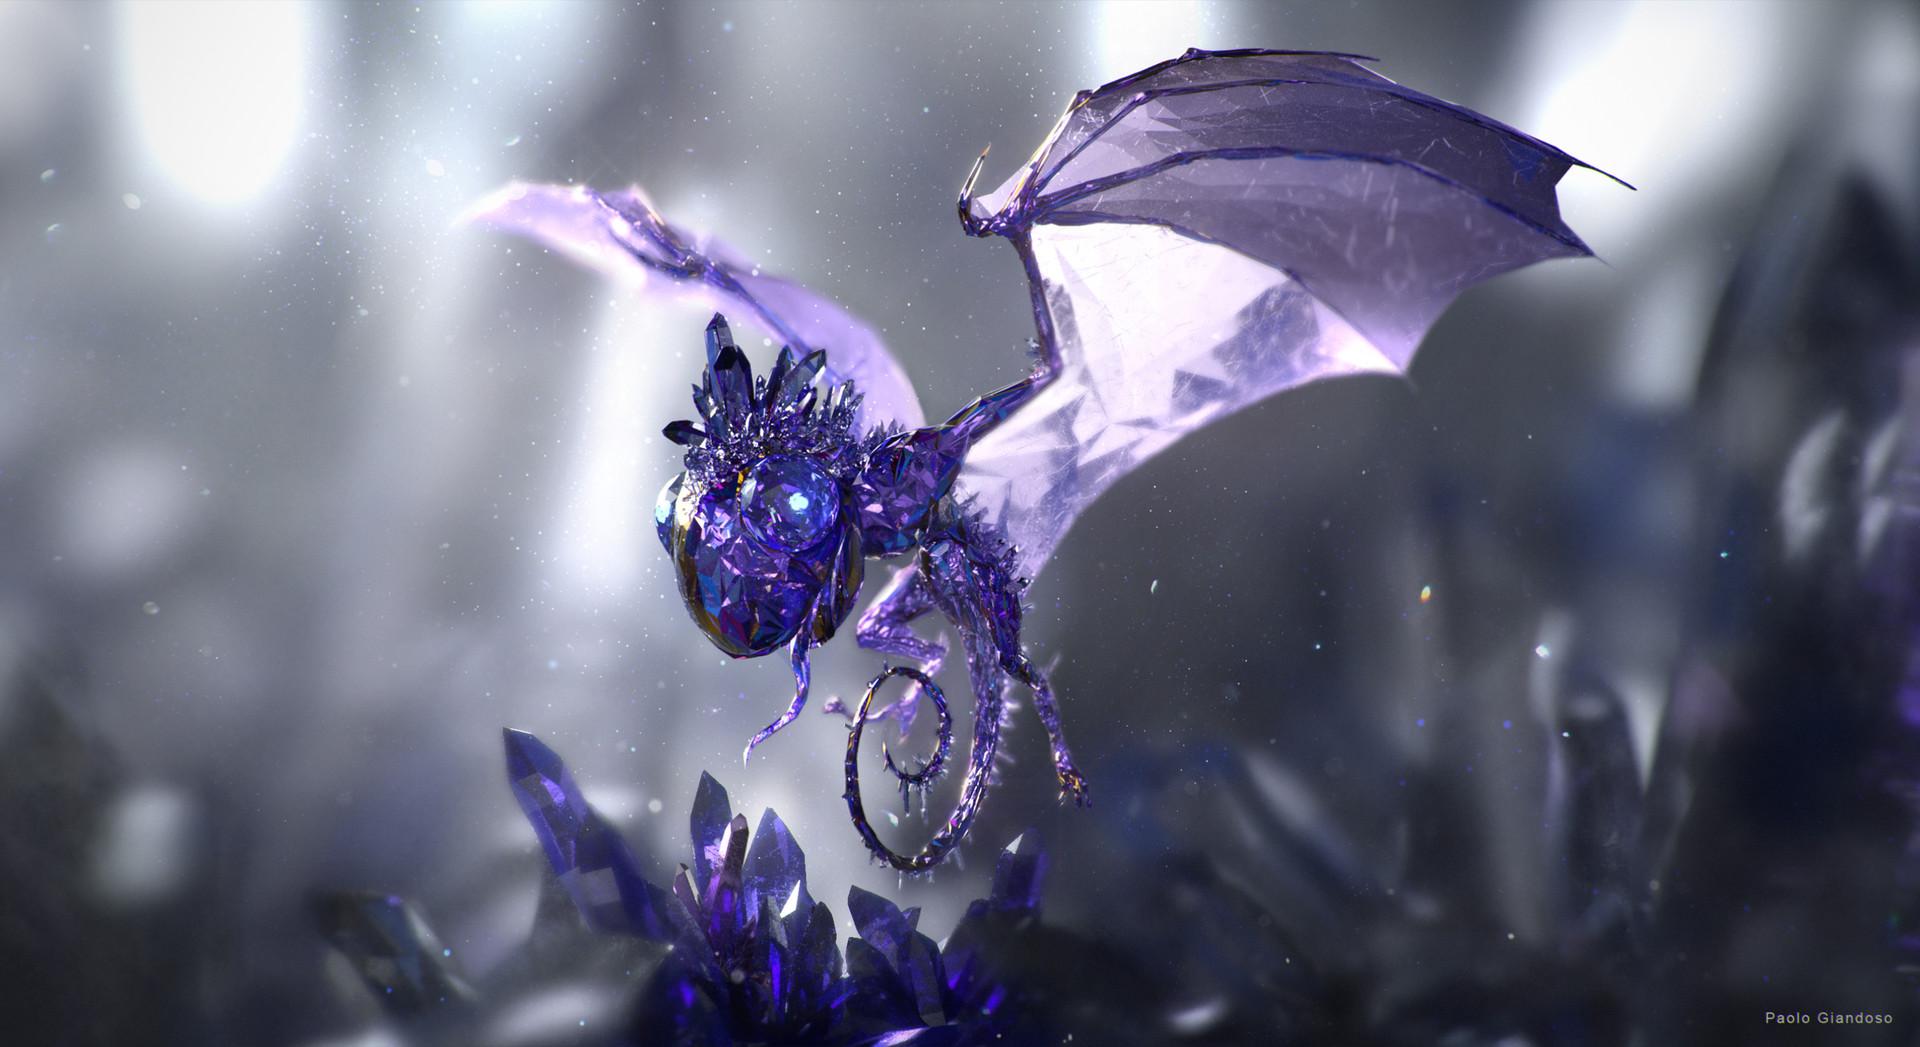 """giandoso gem eater 3d """"Gem Eater"""",un piccolo drago di cristallo sul Piano Elementale del Minerale-Porpora prova 1 - by Paolo Giandoso www.artstation.com (12-2015) © dell'autore tutti i diritti riservati"""